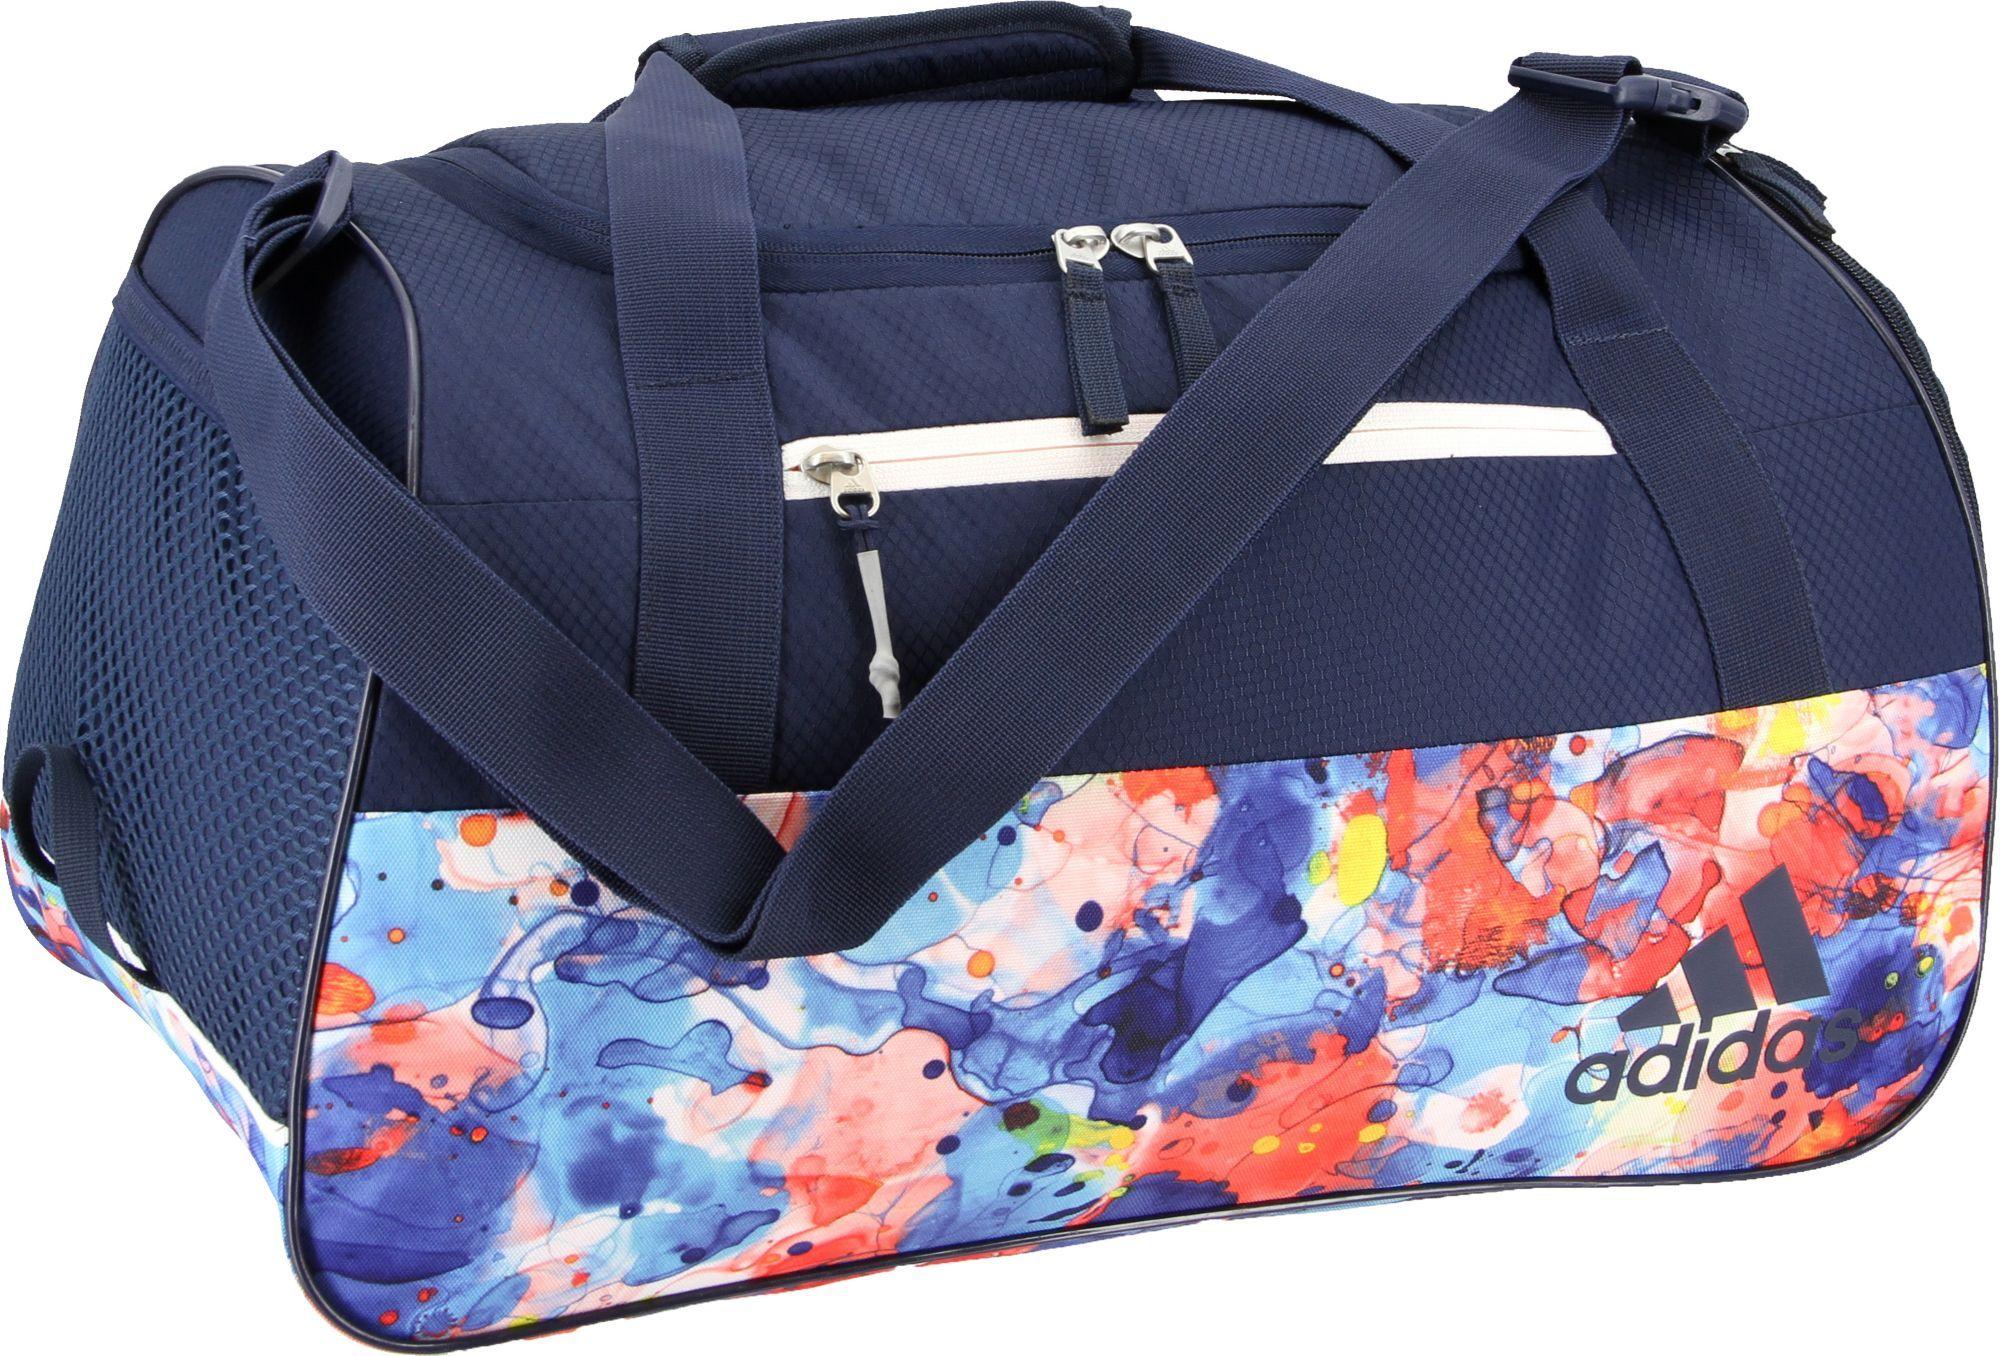 Adidas Women S Squad Iii Duffle Bag In 2020 Bags Duffel Bag